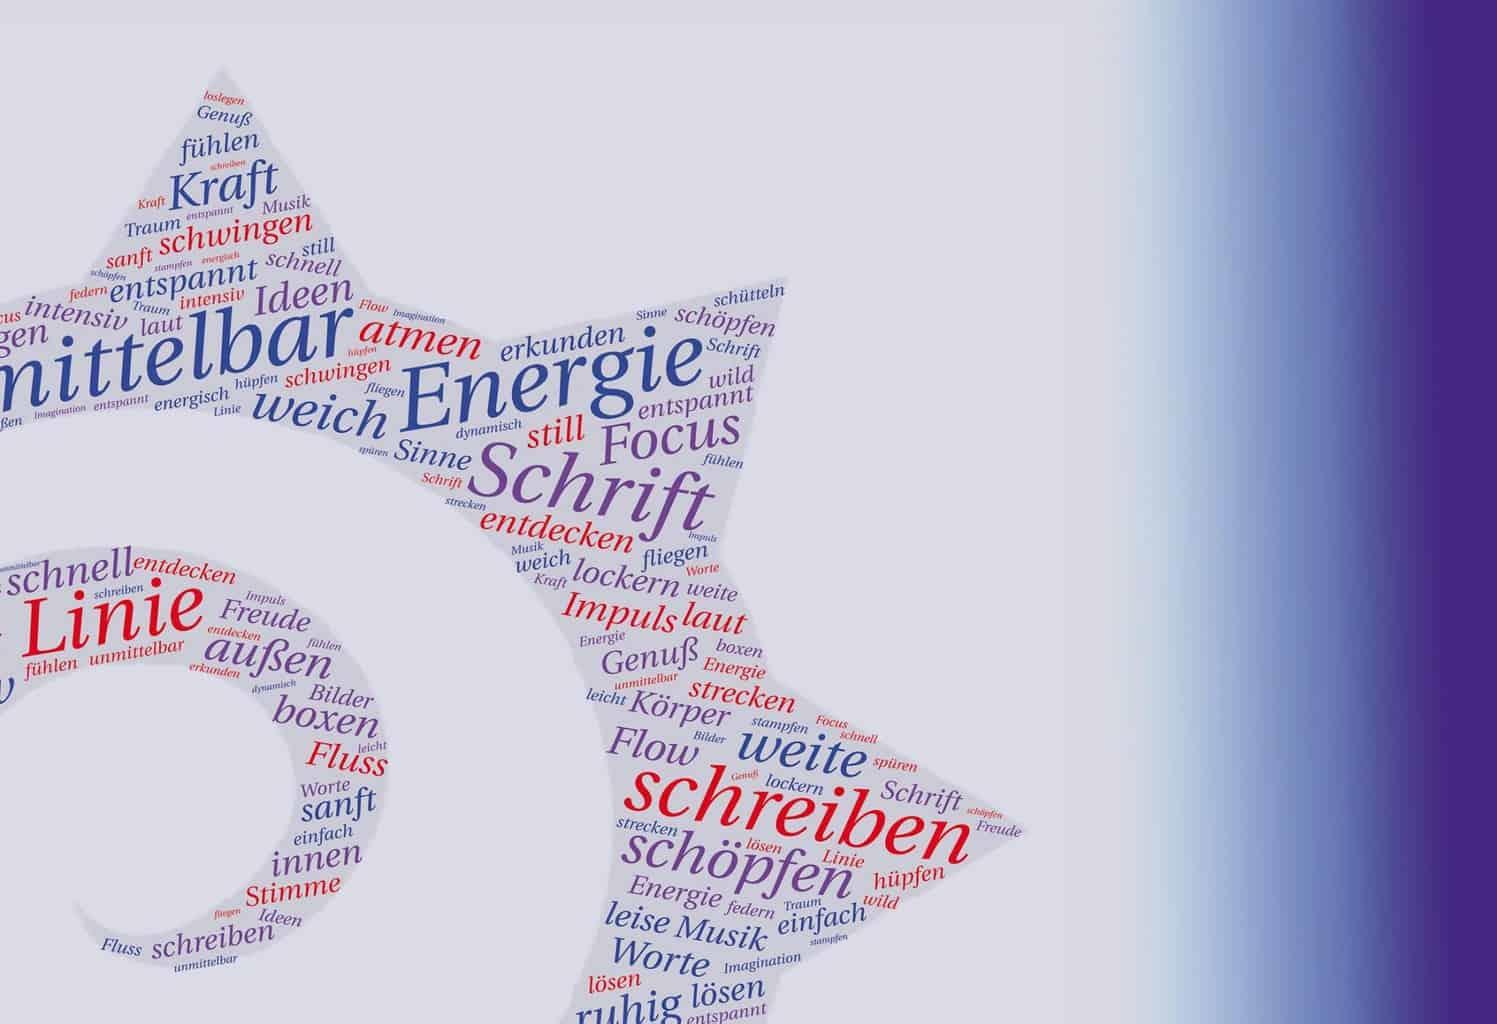 Tanzen-und-Schreiben-Spirale-Katarina-Pollner